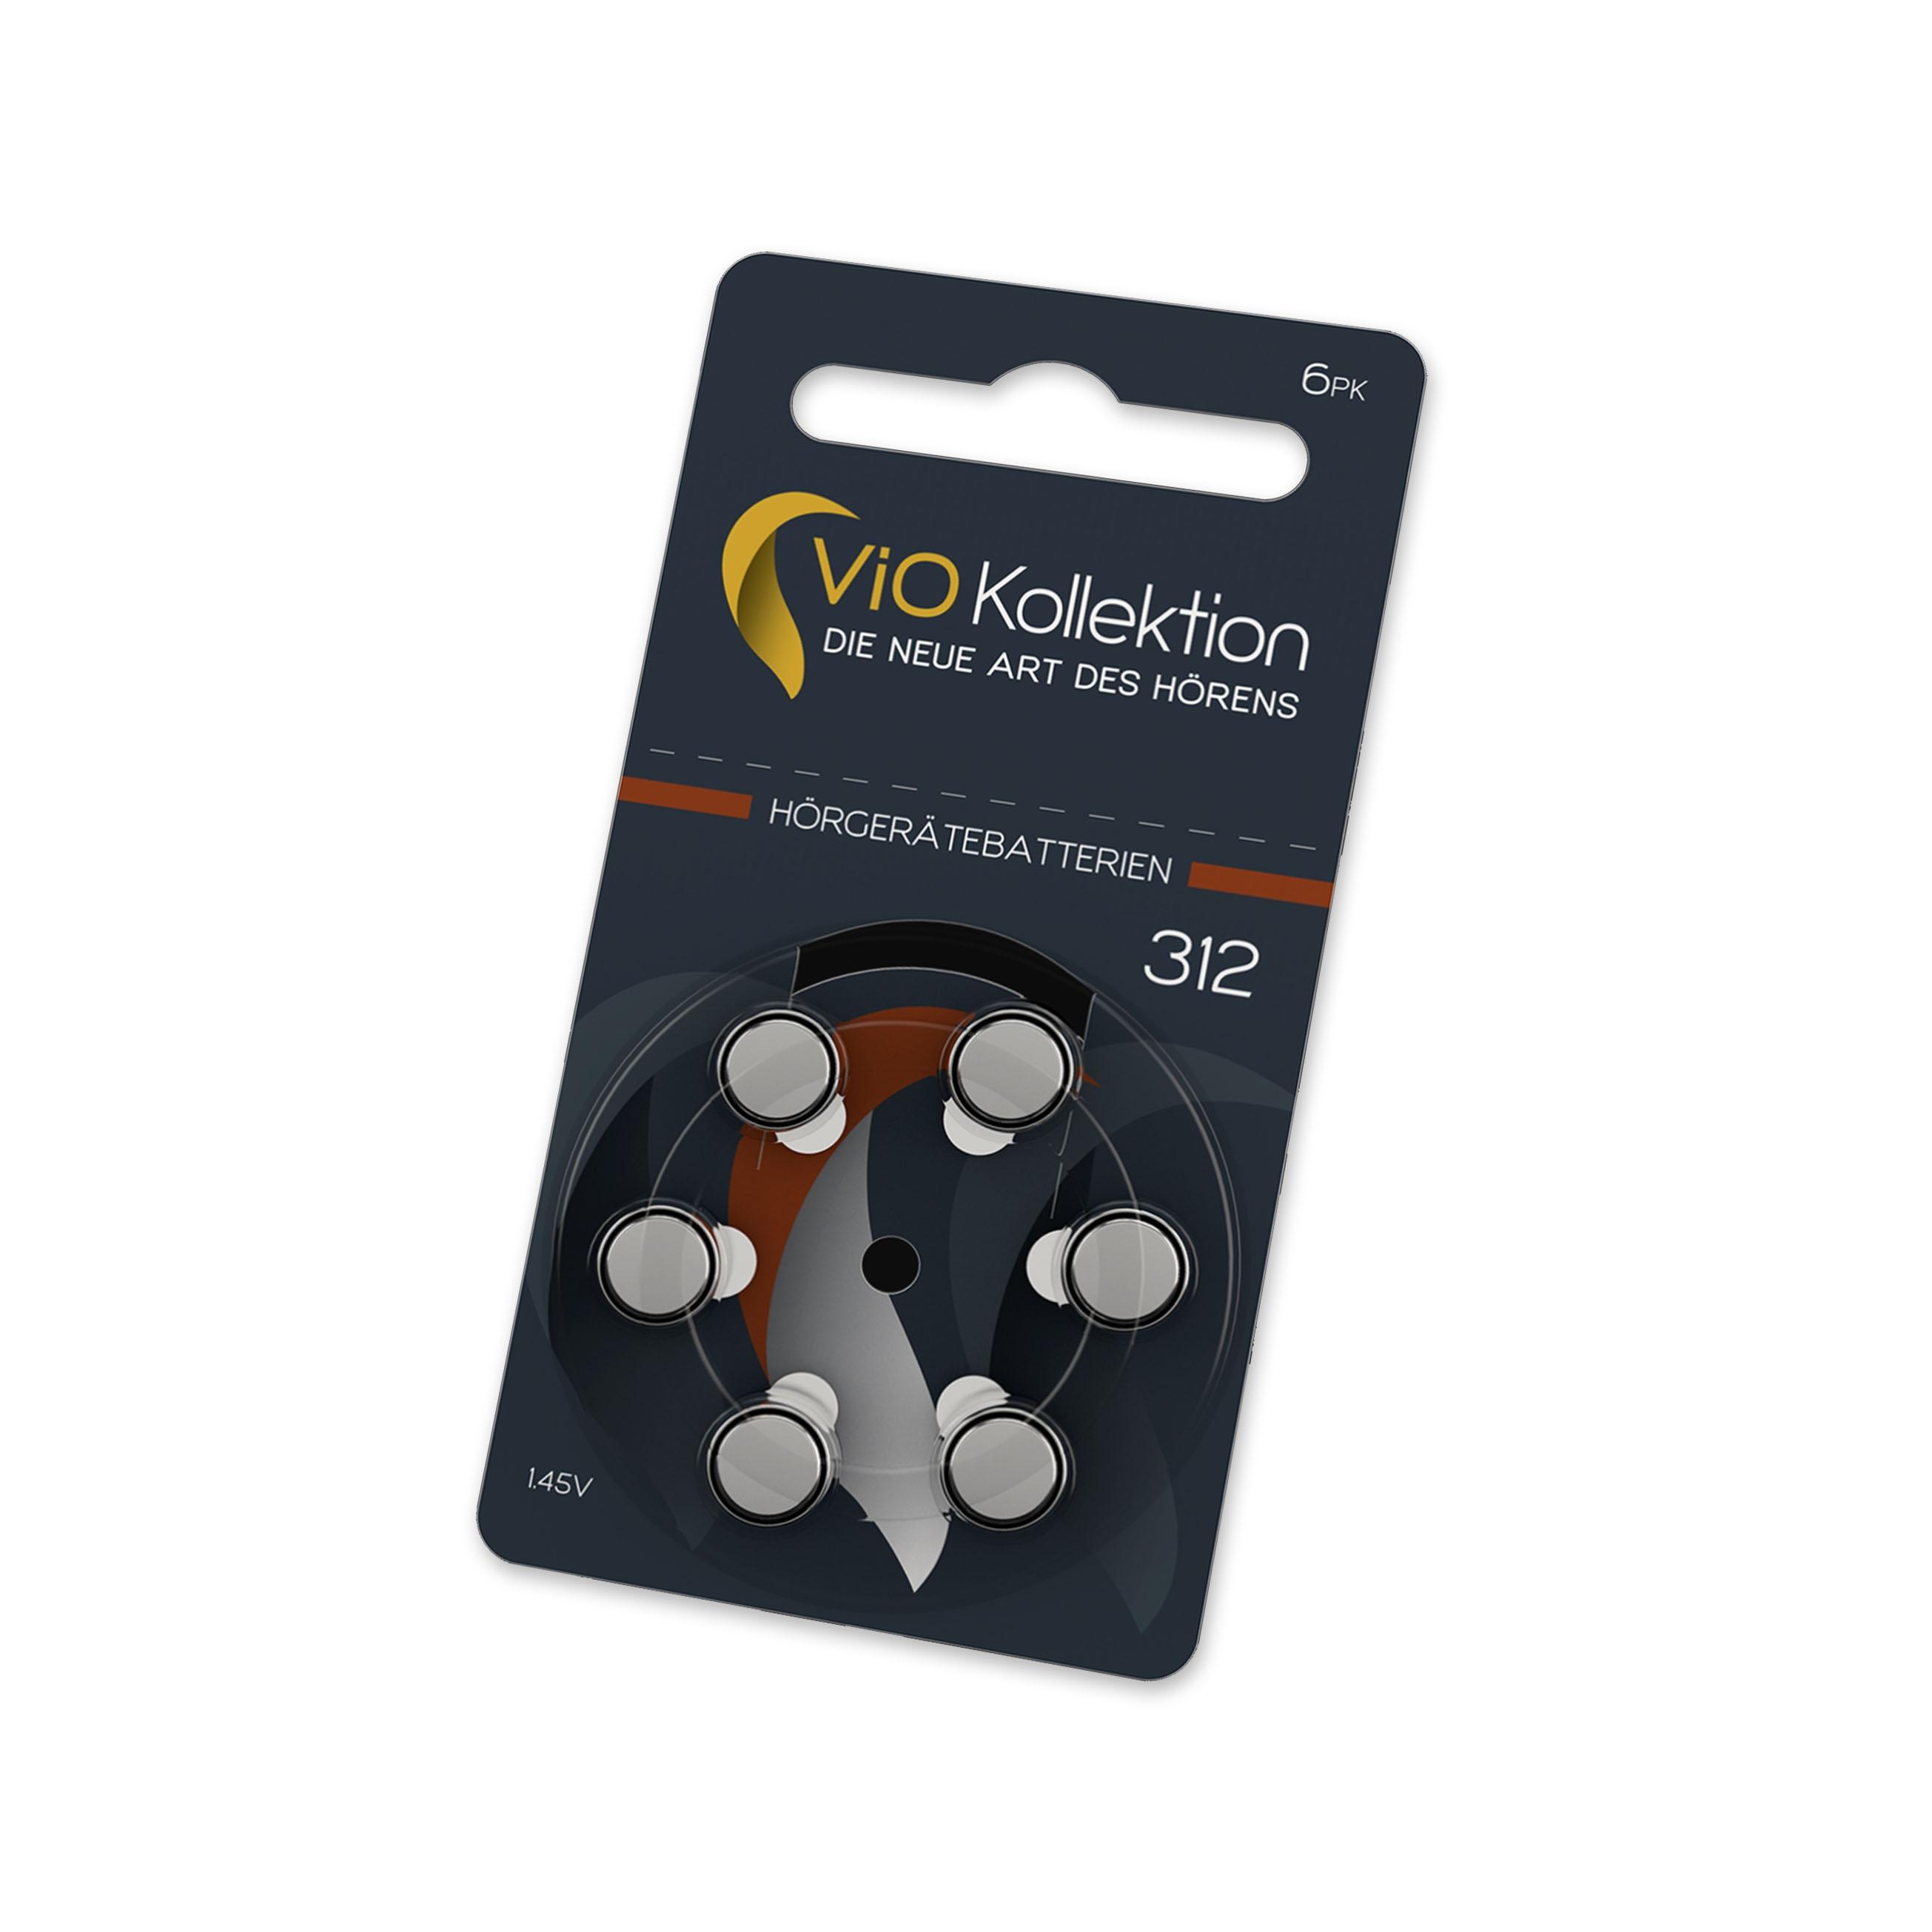 Hörgeräte Batterie ZL312